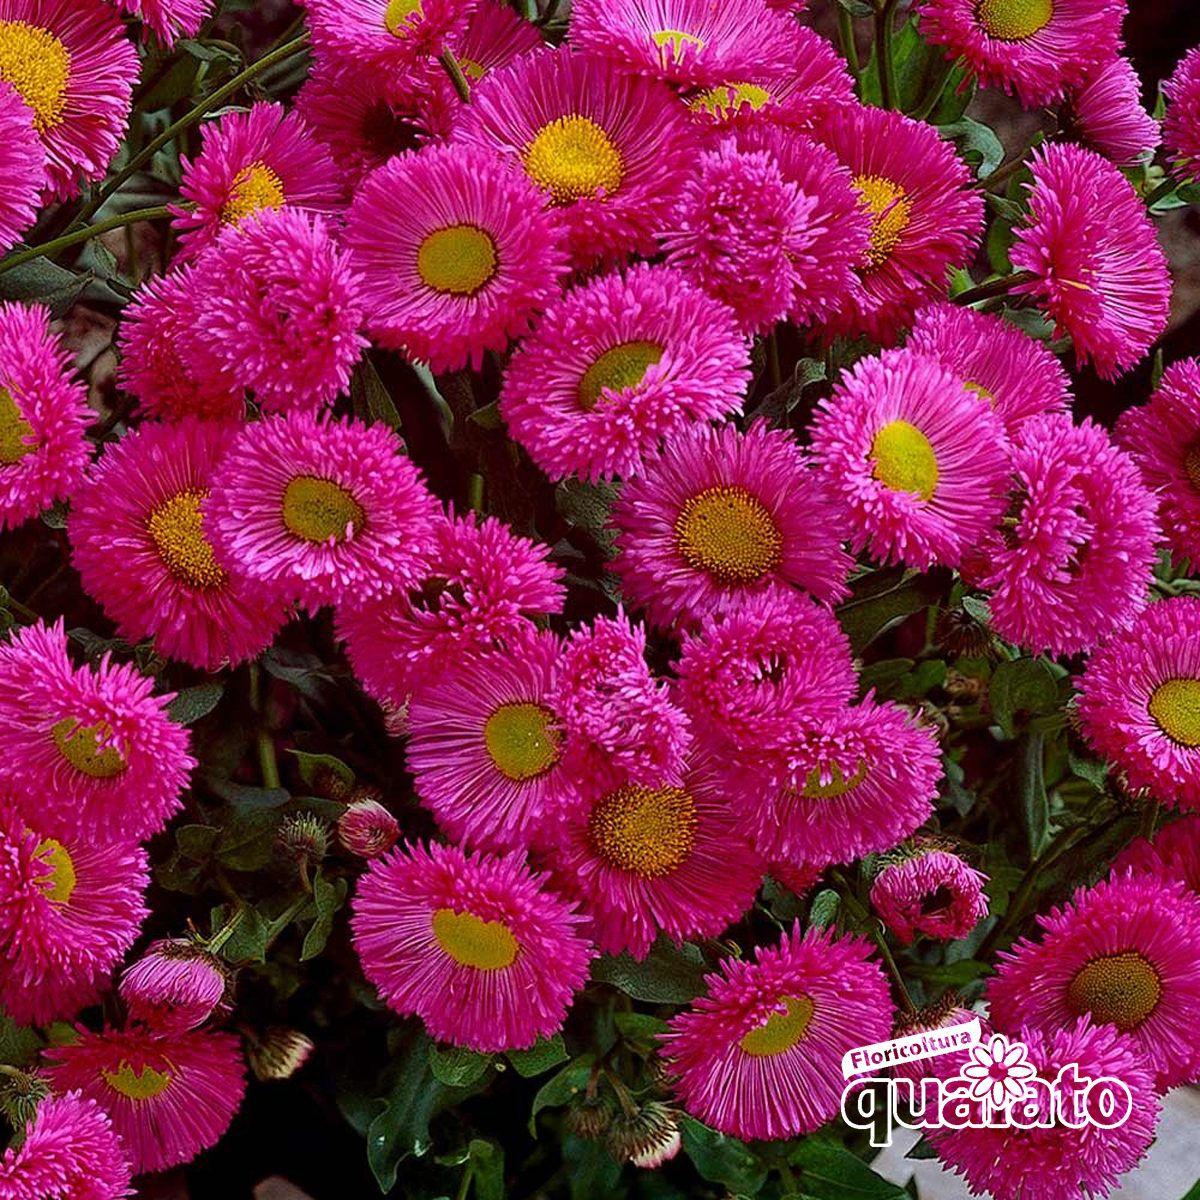 Piante Per Aiuole Perenni piante perenni fiorite (con immagini) | piante perenni